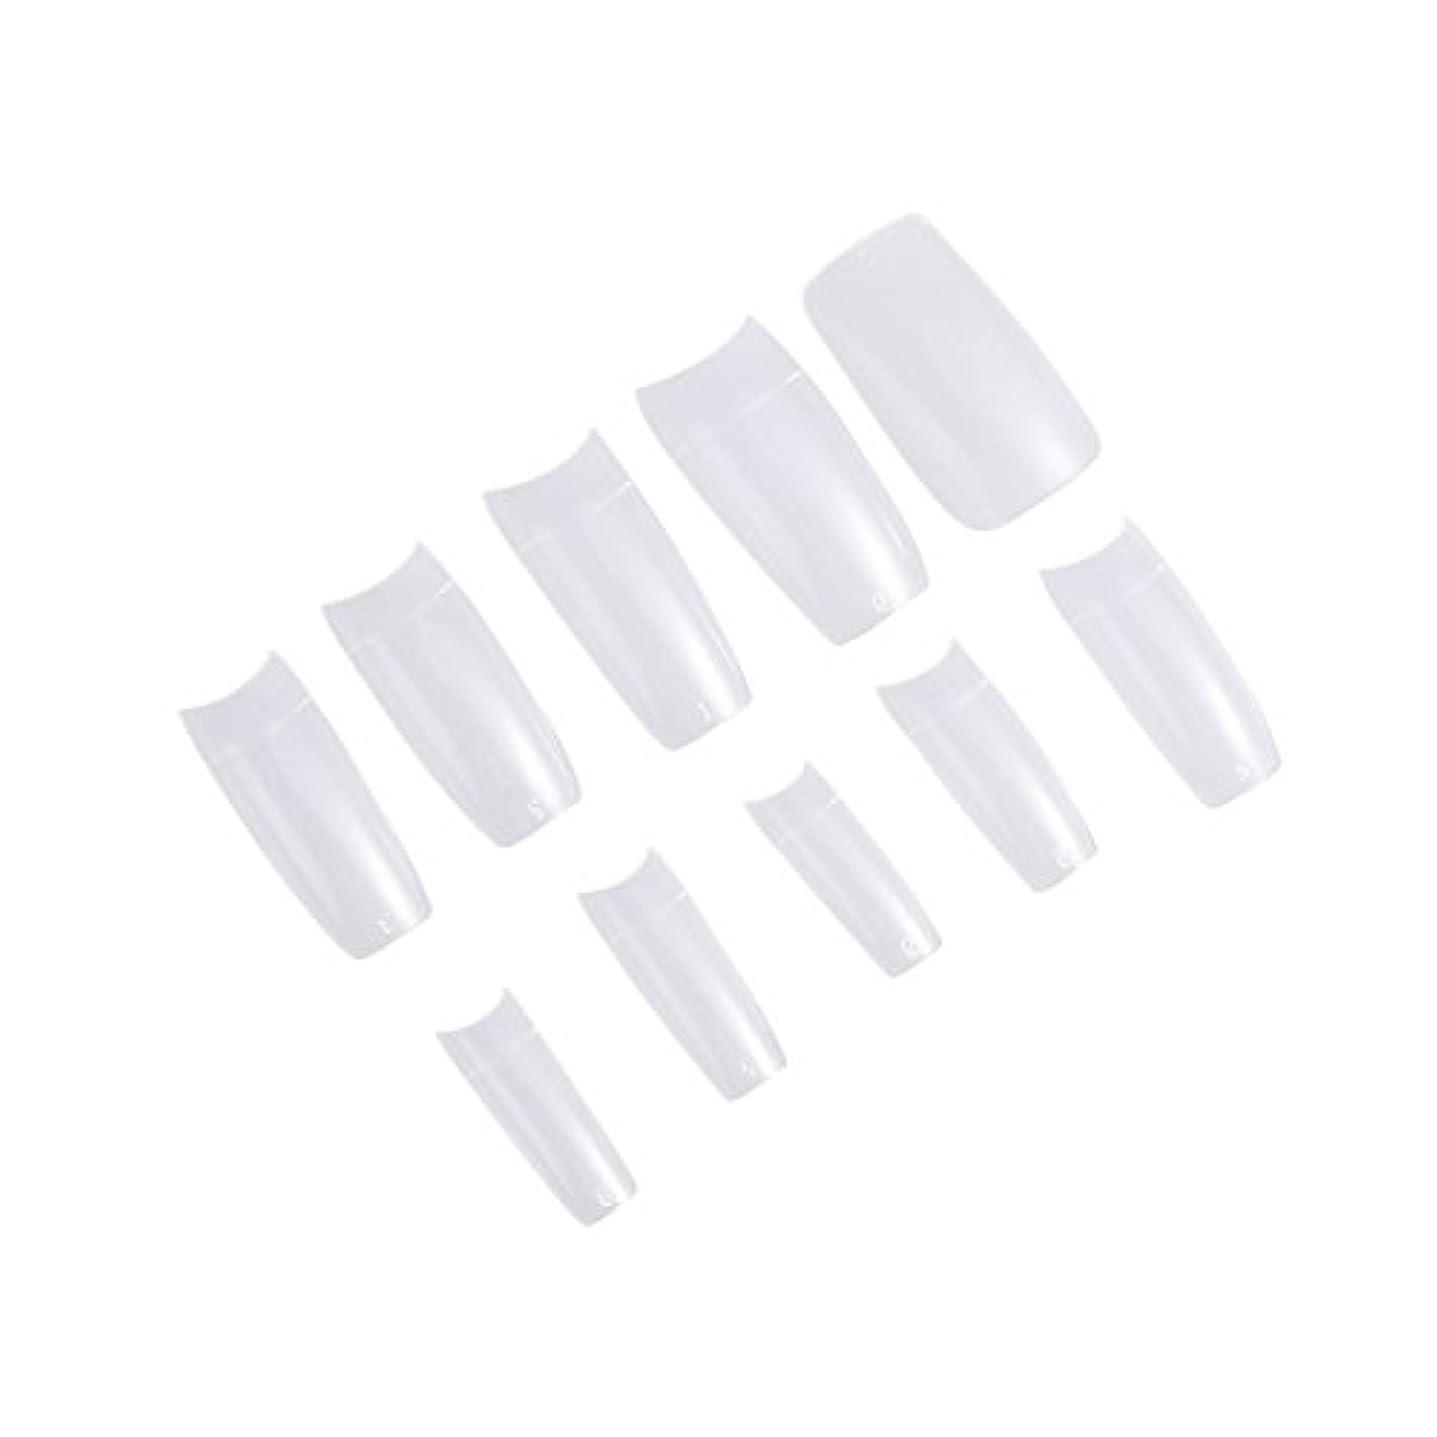 競争力のある思慮深いセンターFrcolor ネイルチップ つけ爪 無地 手作りネイルチップ 透明 長さ 10別サイズ ネイルアート 500枚入 練習用 方形(透明)